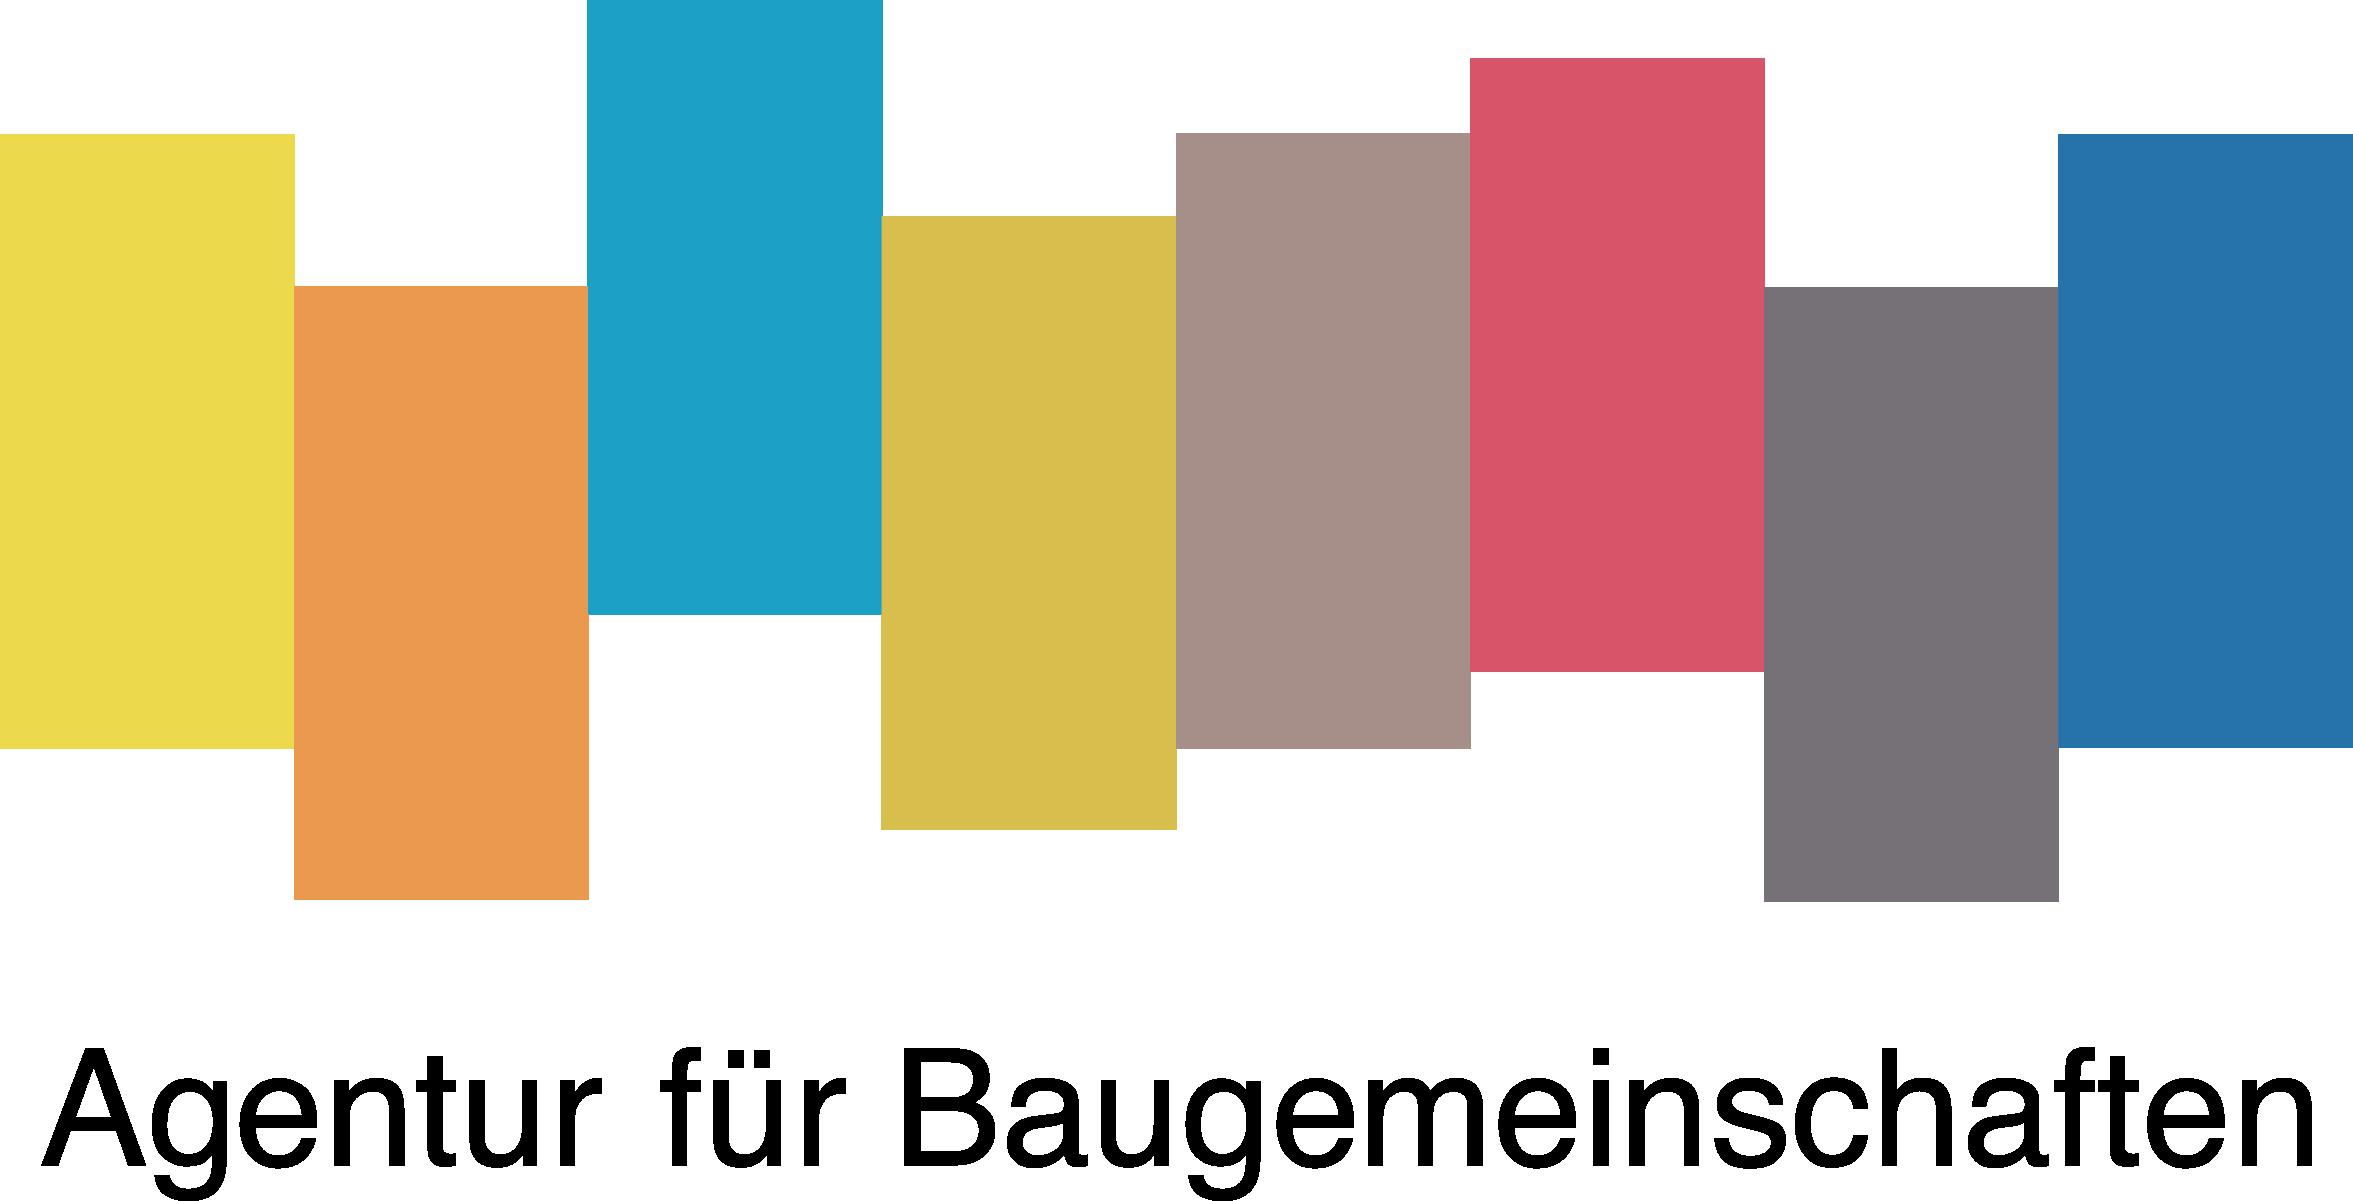 Logo Agentur fuer Baugemeinschaften CMYK positiv